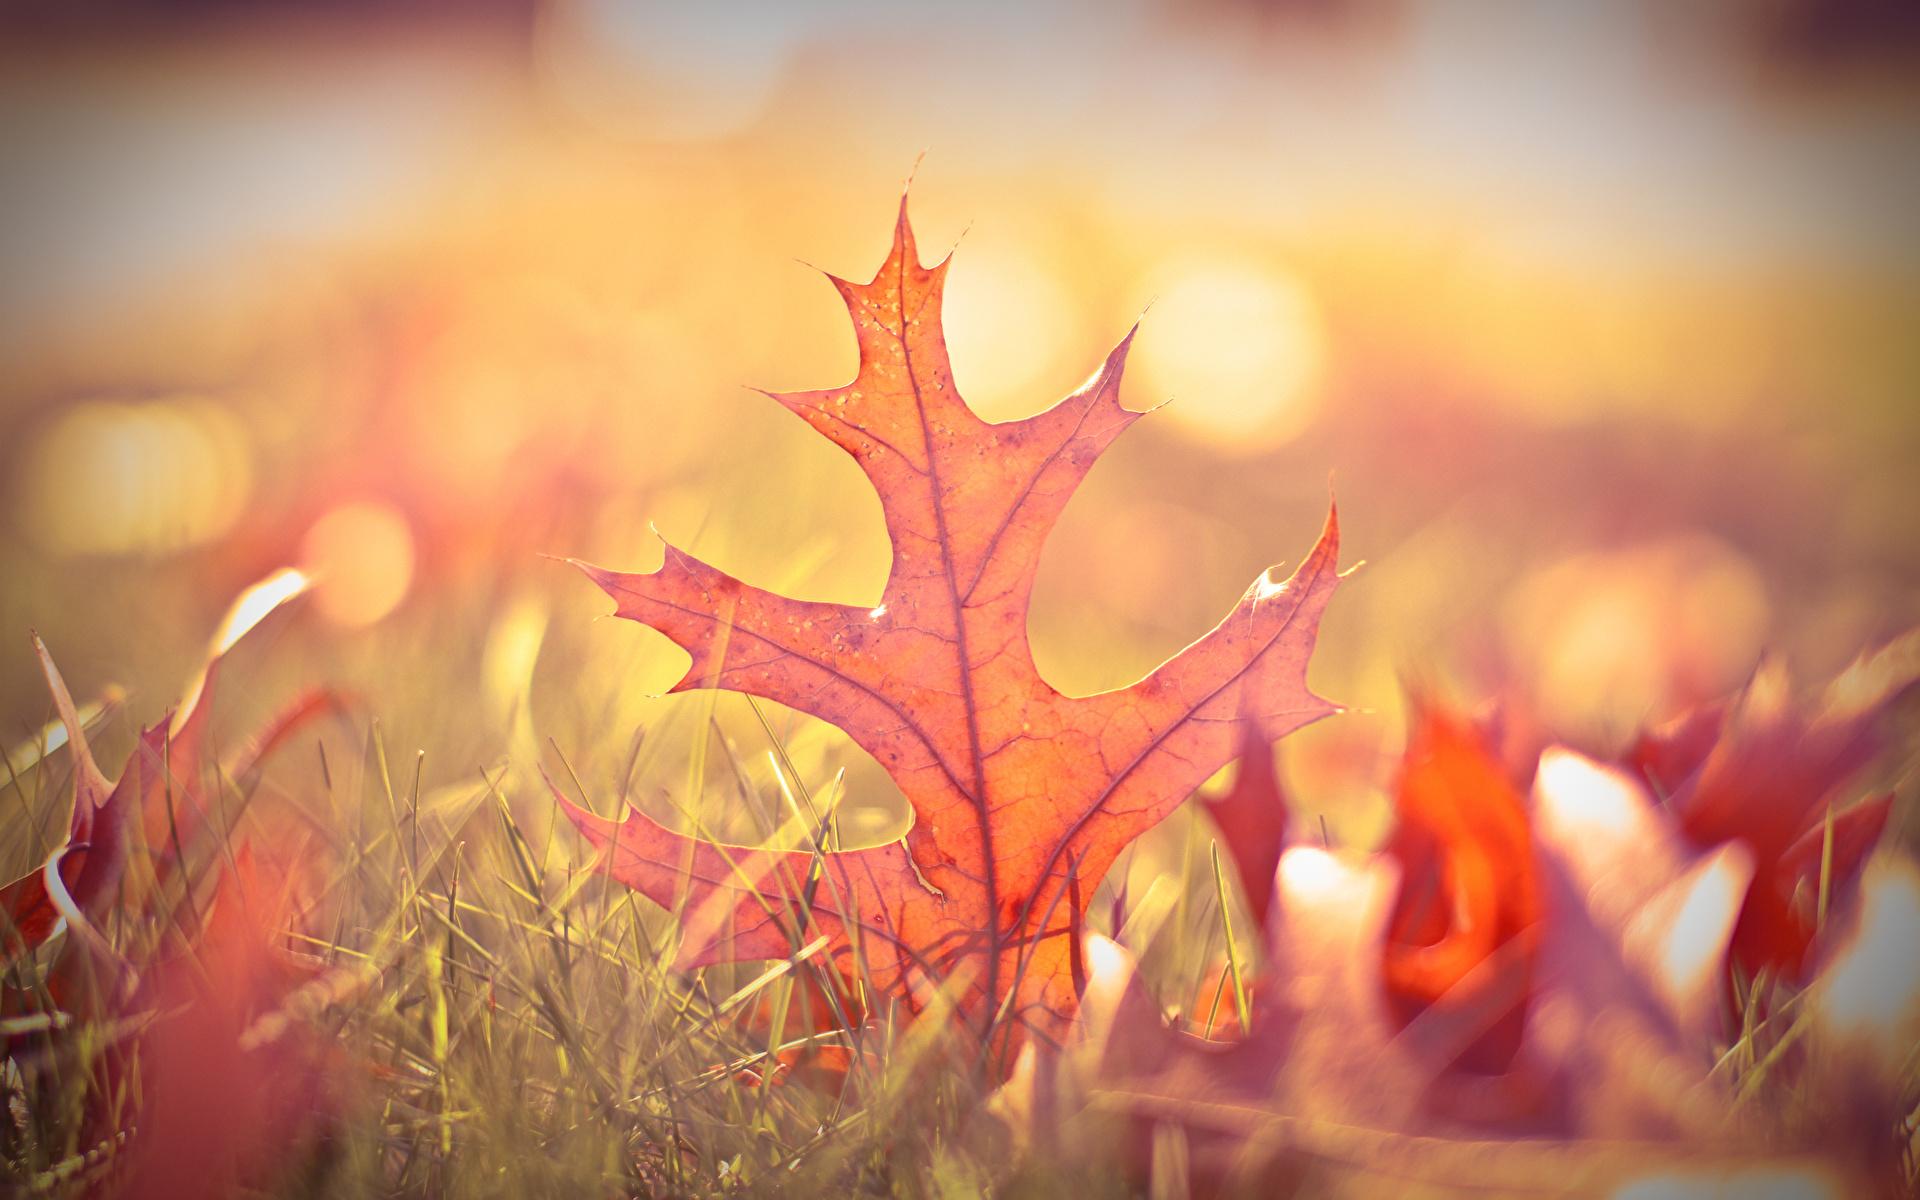 Обои для рабочего стола лист боке Дуб осенние Природа траве Крупным планом 1920x1200 Листва Листья Размытый фон Осень Трава вблизи